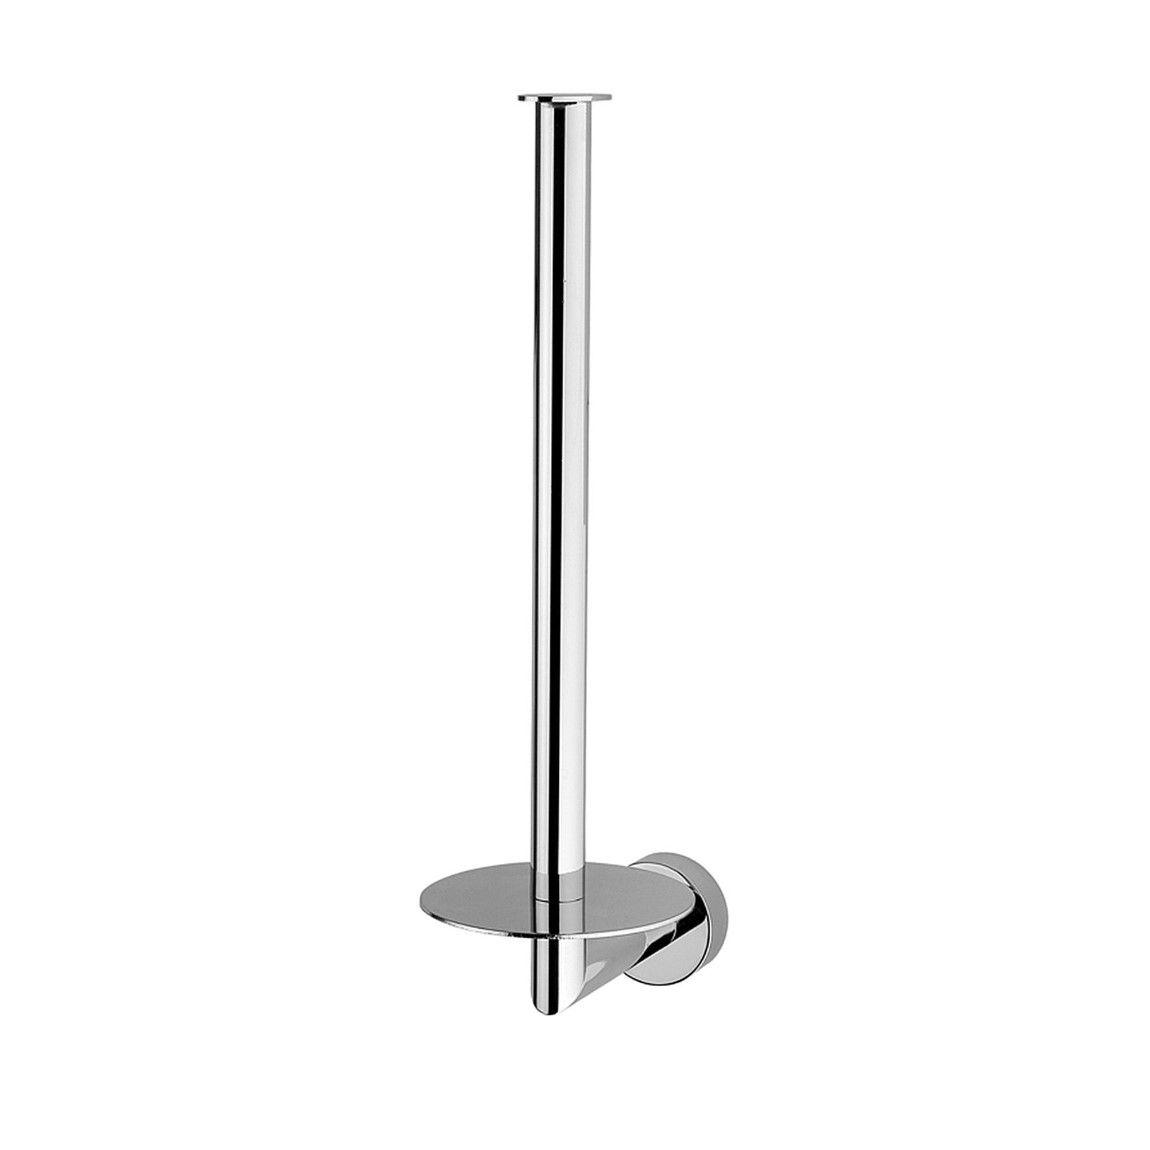 Вертикальный держатель для туалетной бумаги Nicolazzi Minimale 1497M ФОТО